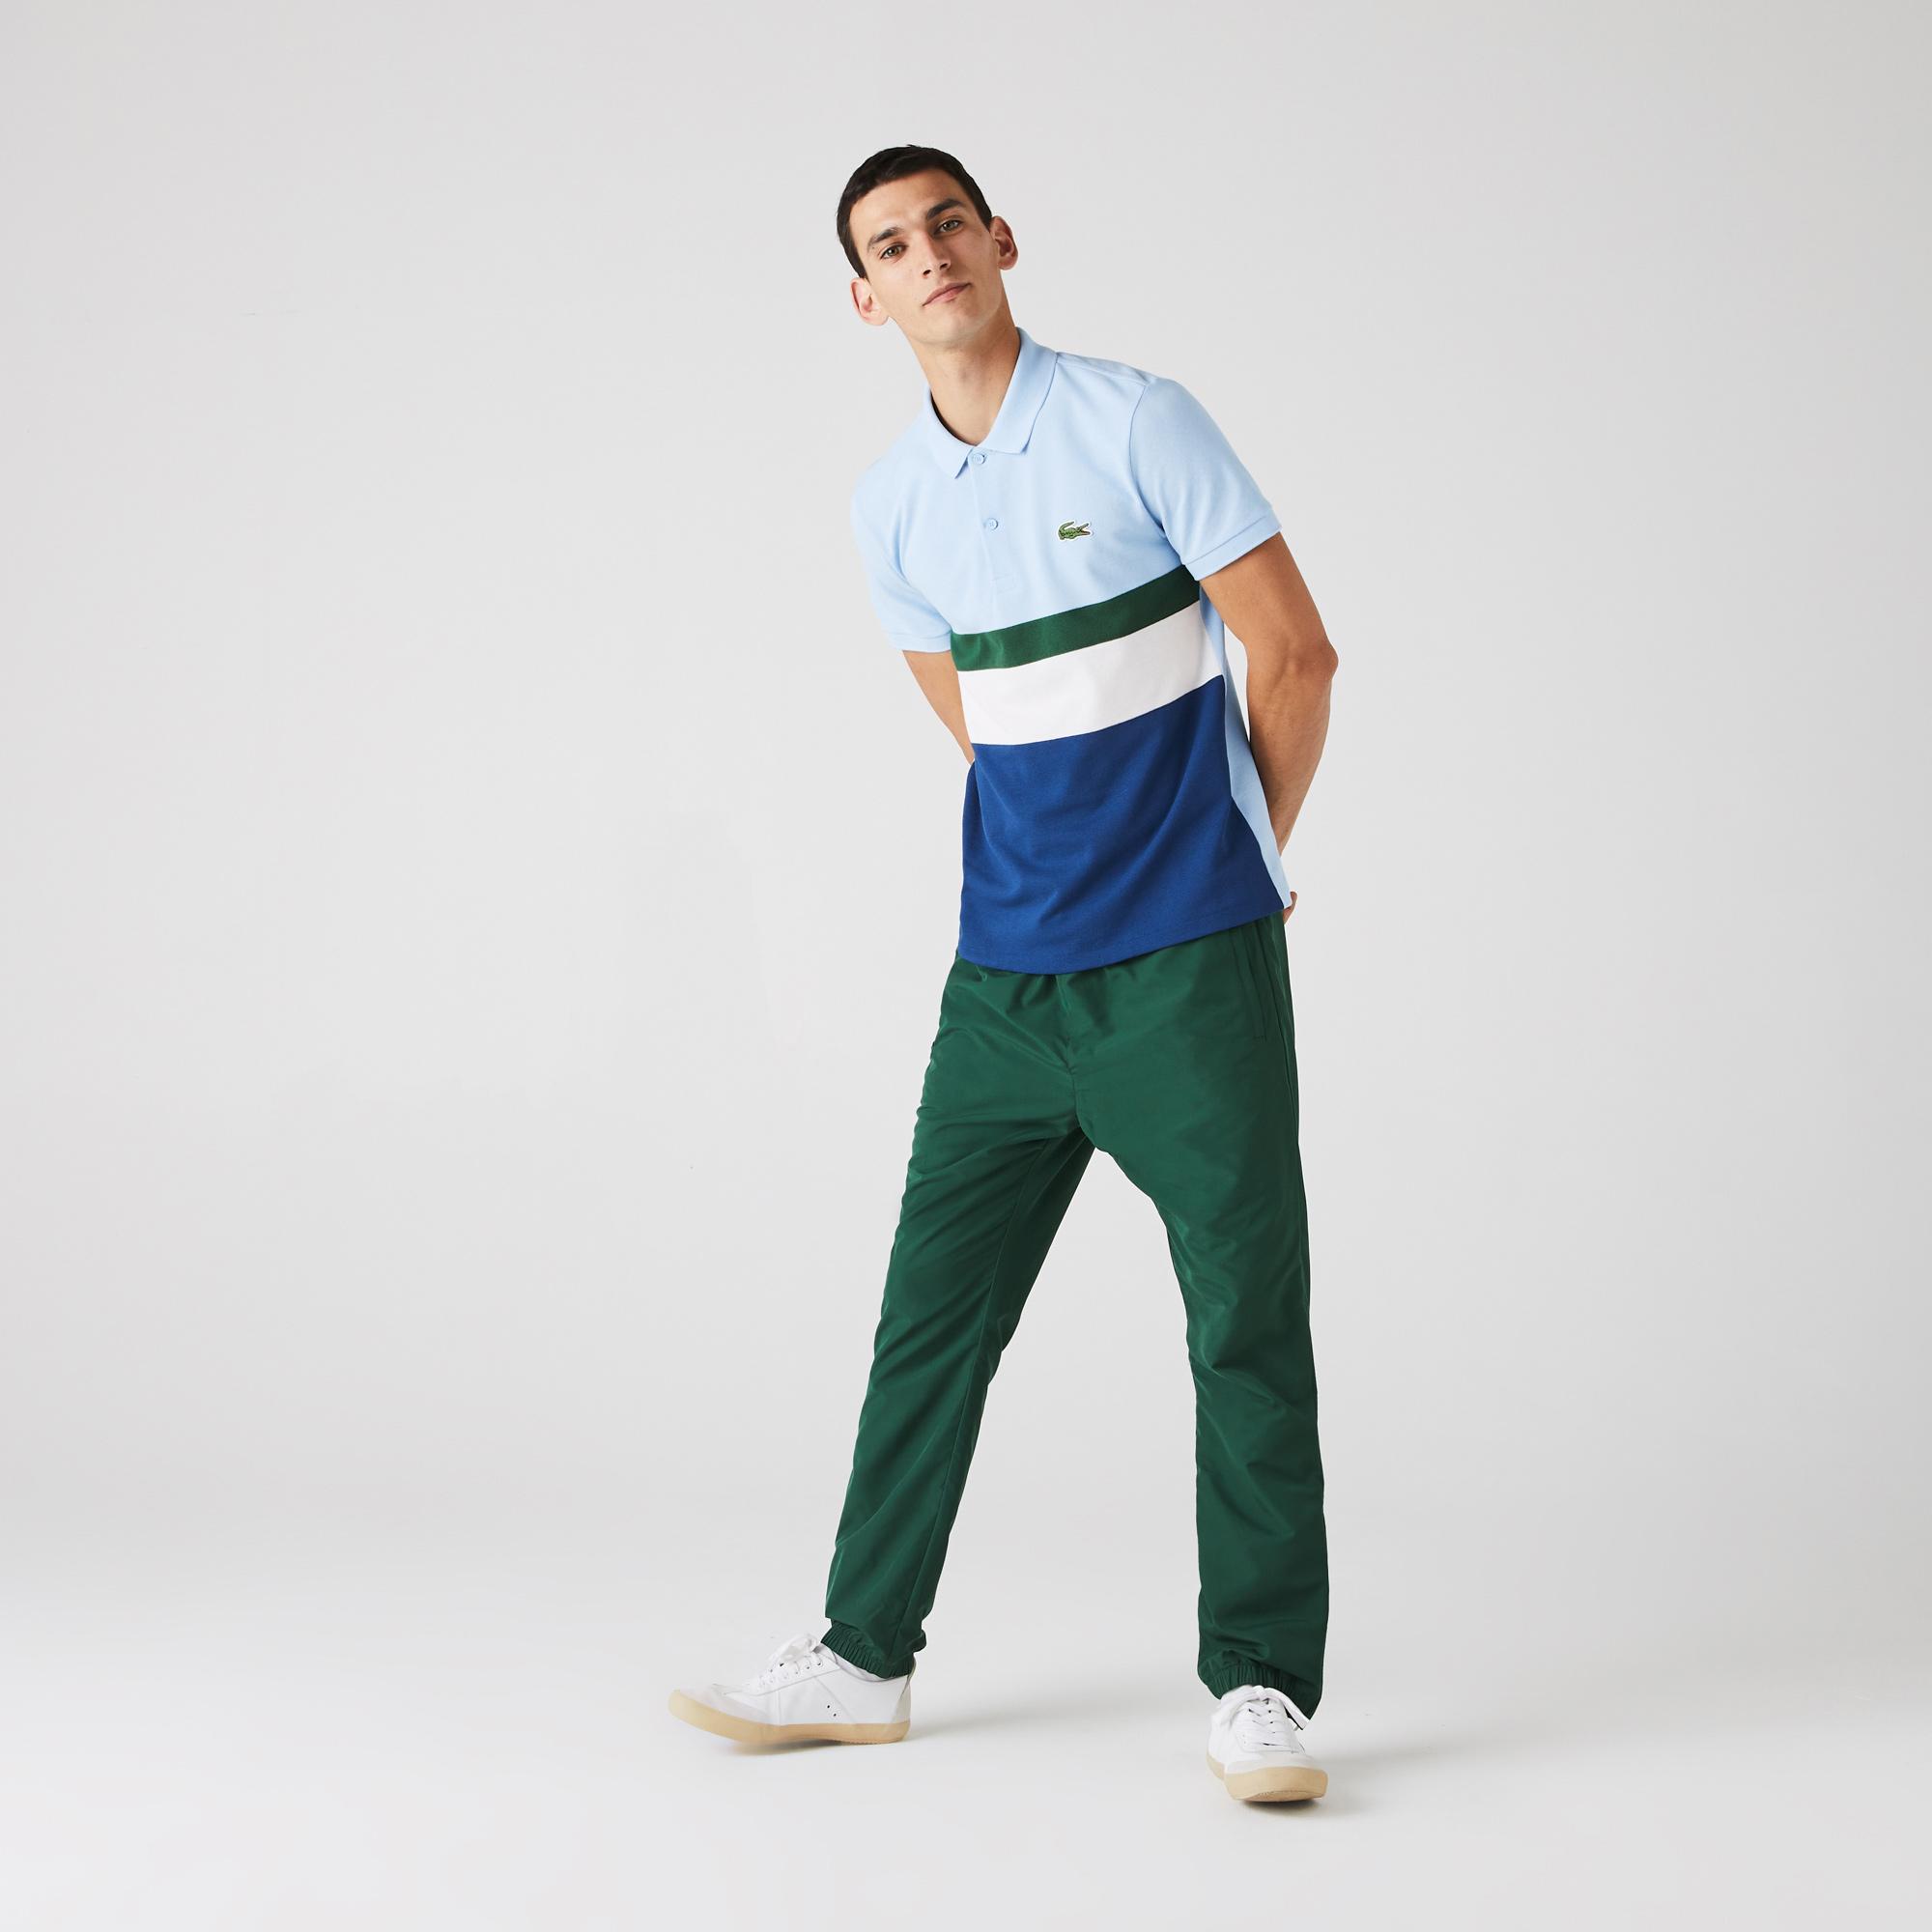 Lacoste Męska Koszulka Polo W Bloki Kolorystyczne Z Piki Bawełnianej Regular Fit